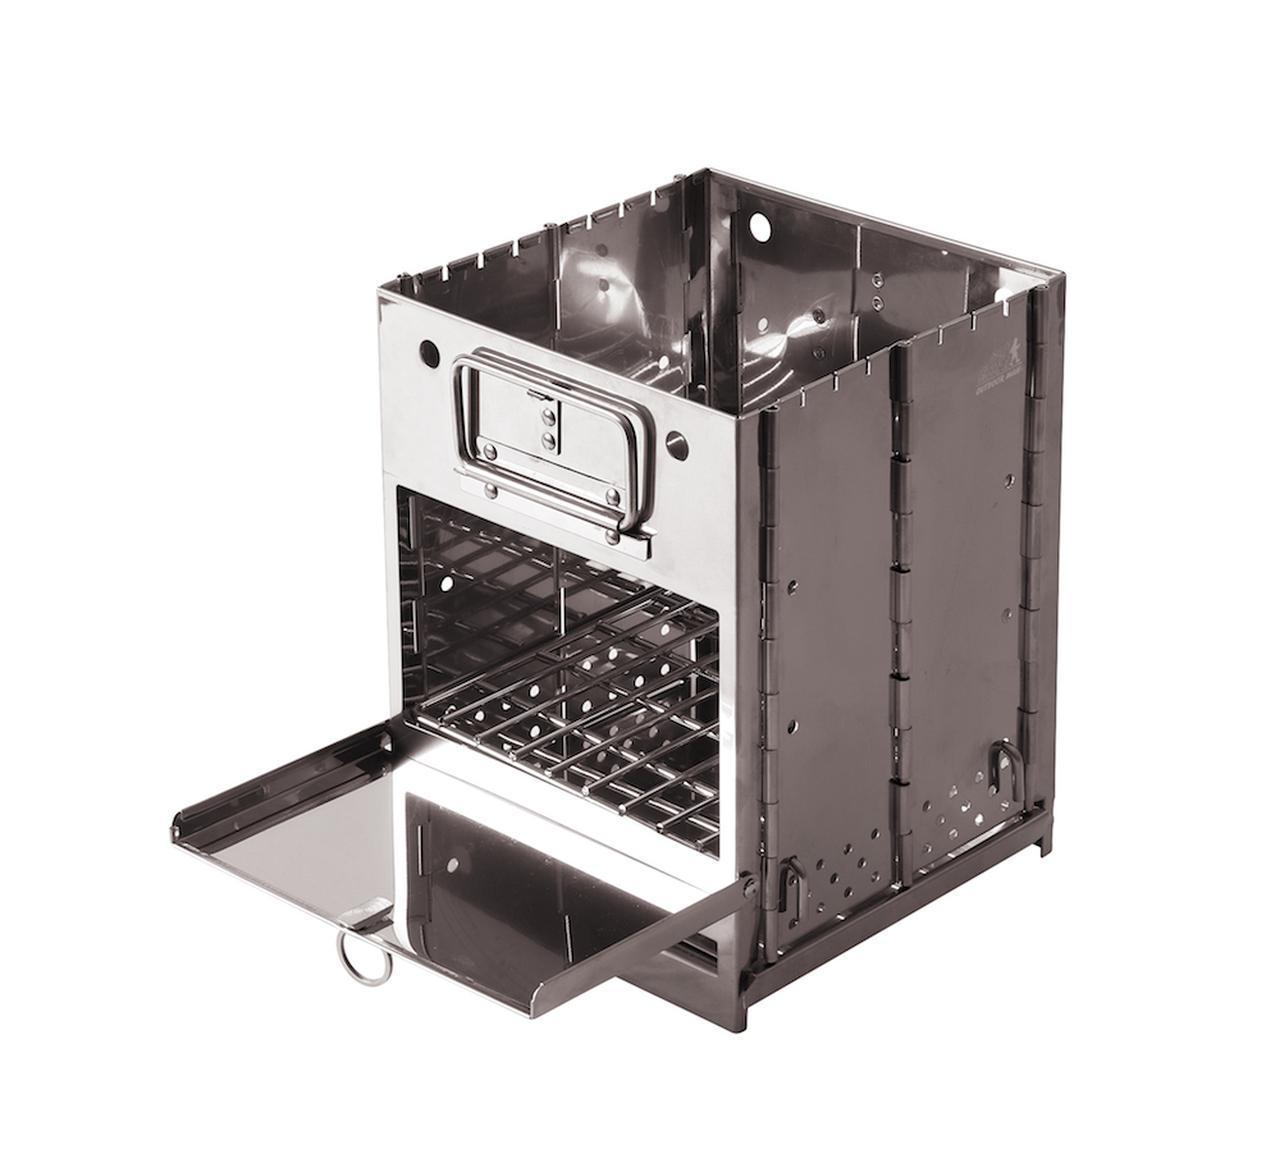 画像1: 「FLAME BOX」は、焚き火から調理まで!1台4役の多機能ギア